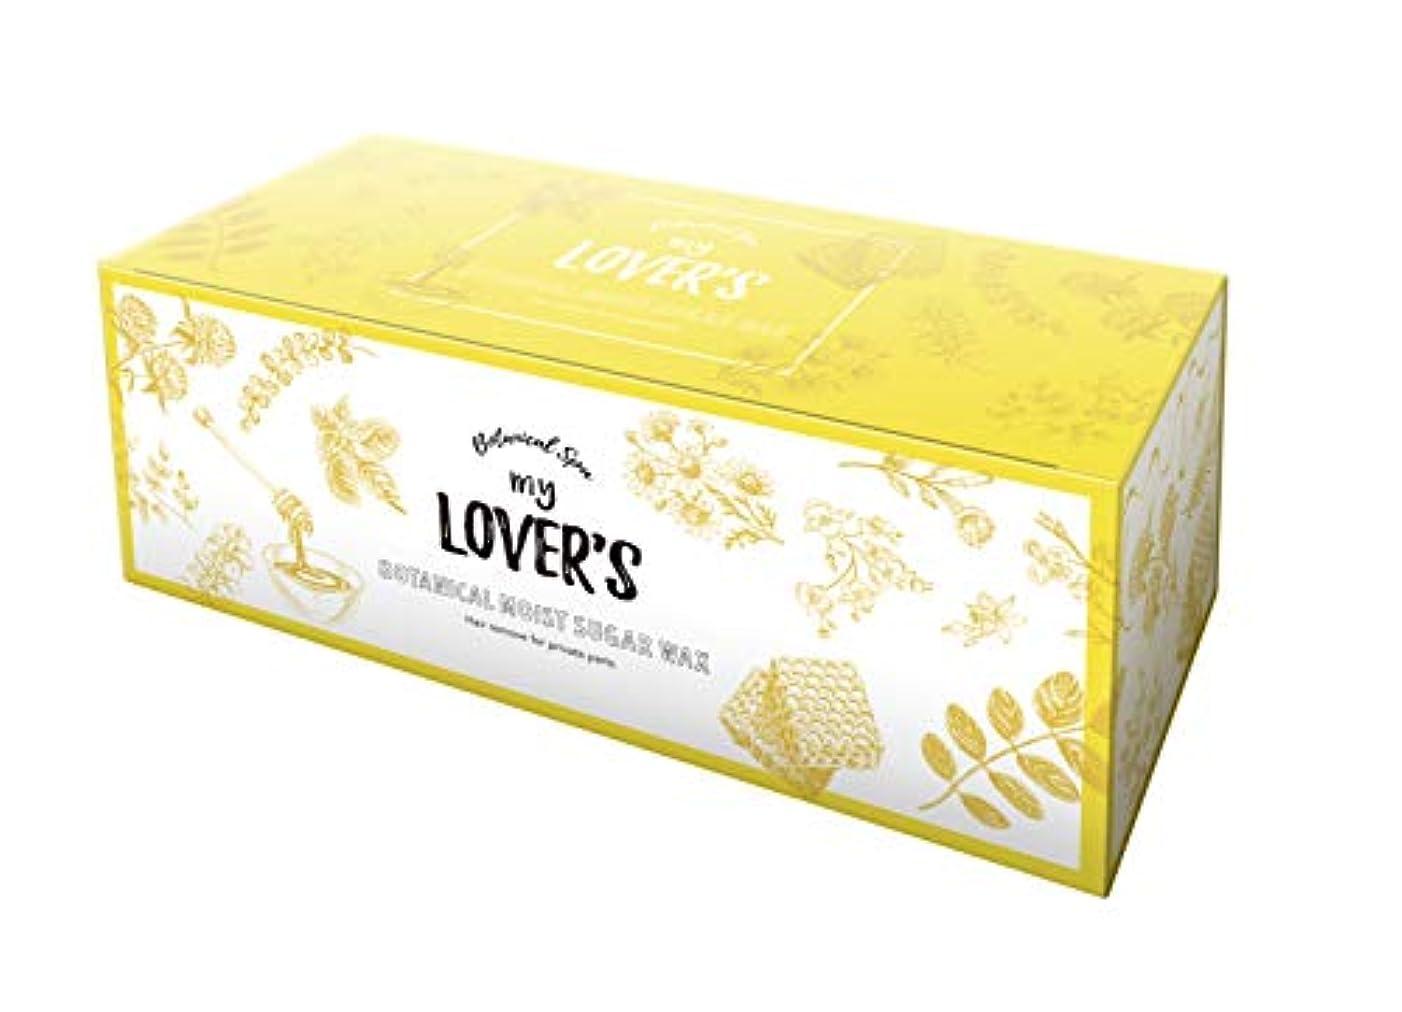 歴史教義うねるMy Lover's my LOVER'S ボタニカルモイストシュガーワックス 1コ入 4589805610042